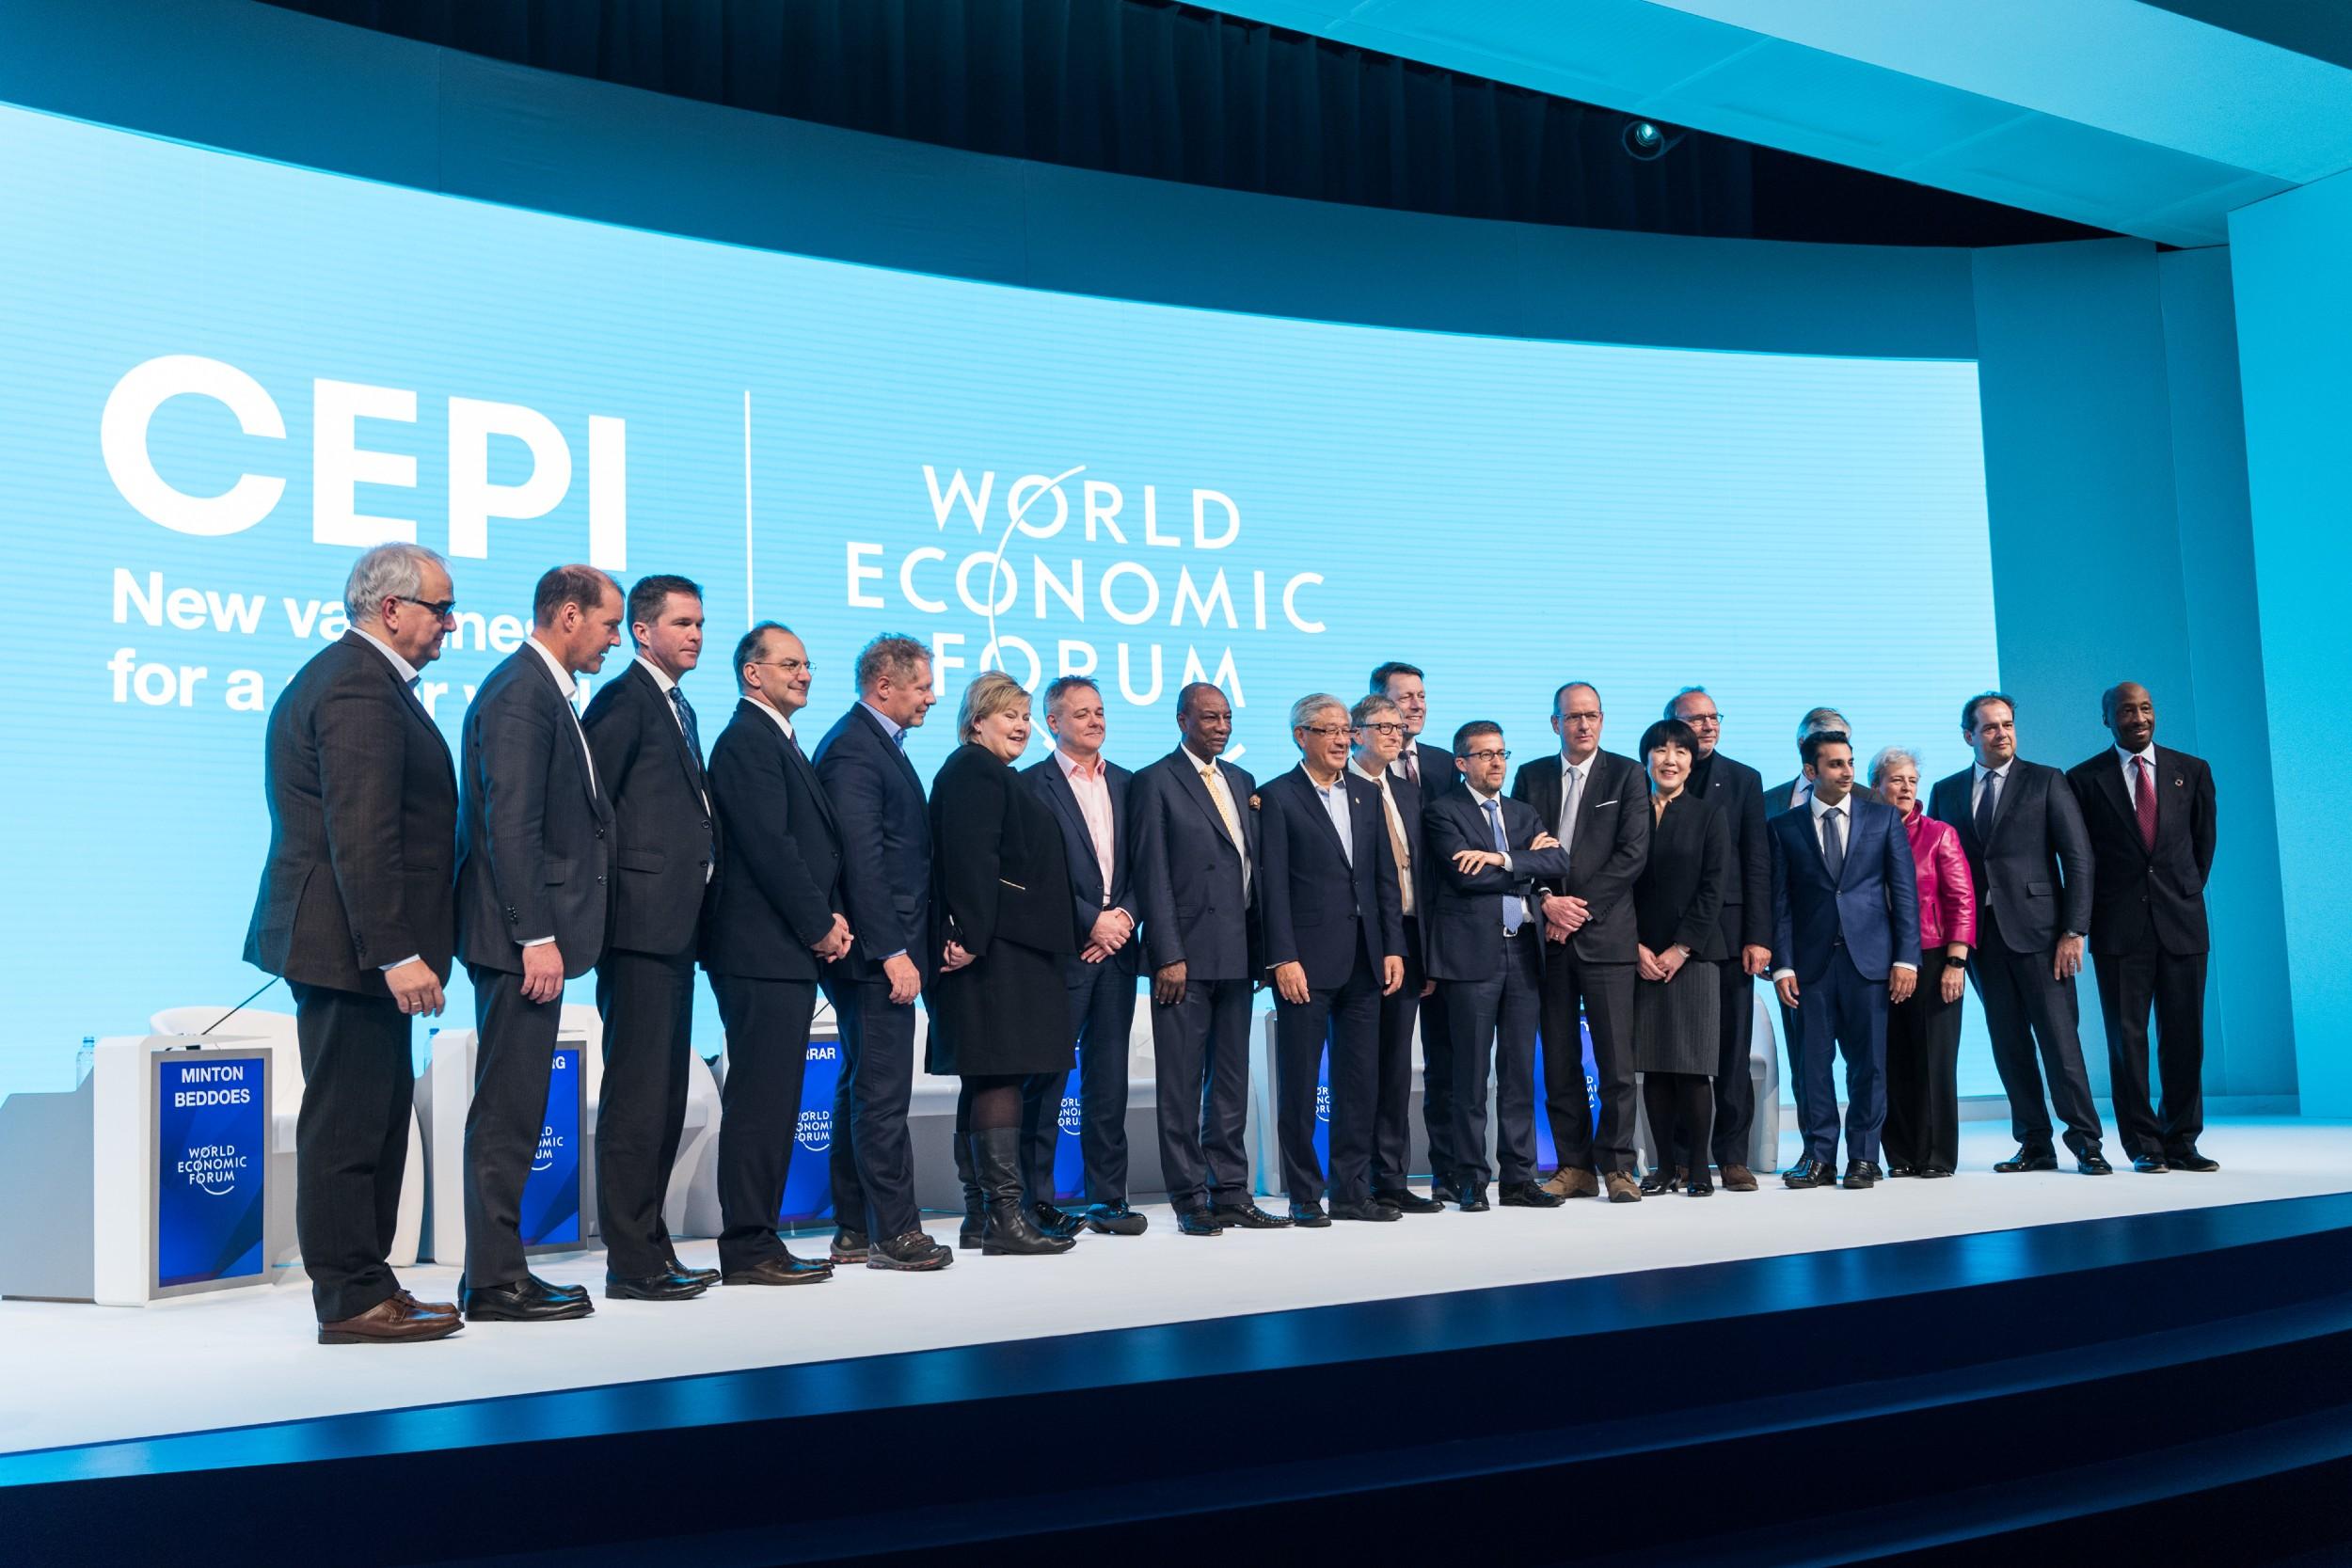 Članovi Koalicije za inovacije epidemijske pripremljenosti (CEPI) tokom Svetskog ekonomskog foruma u Davosu 2017. godine (Foto: dsw.org)